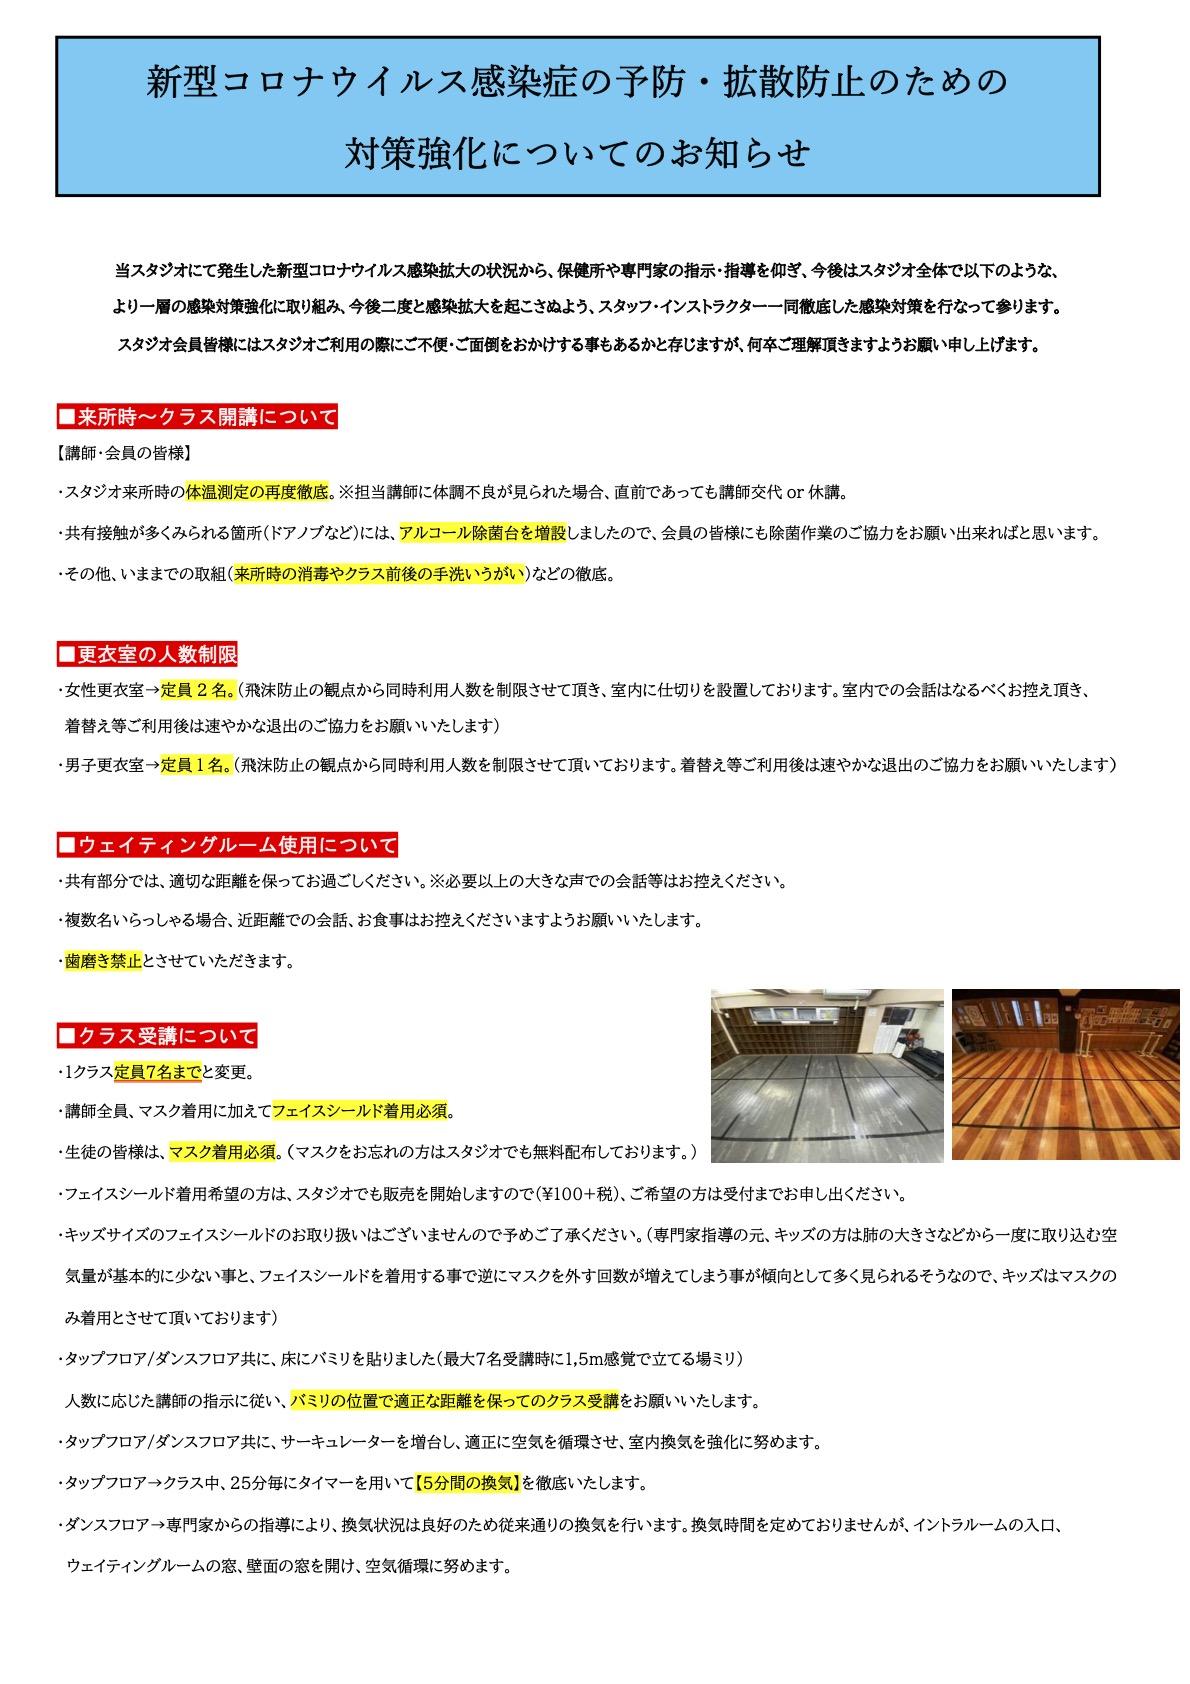 コロナウイルス対策強化修正1223